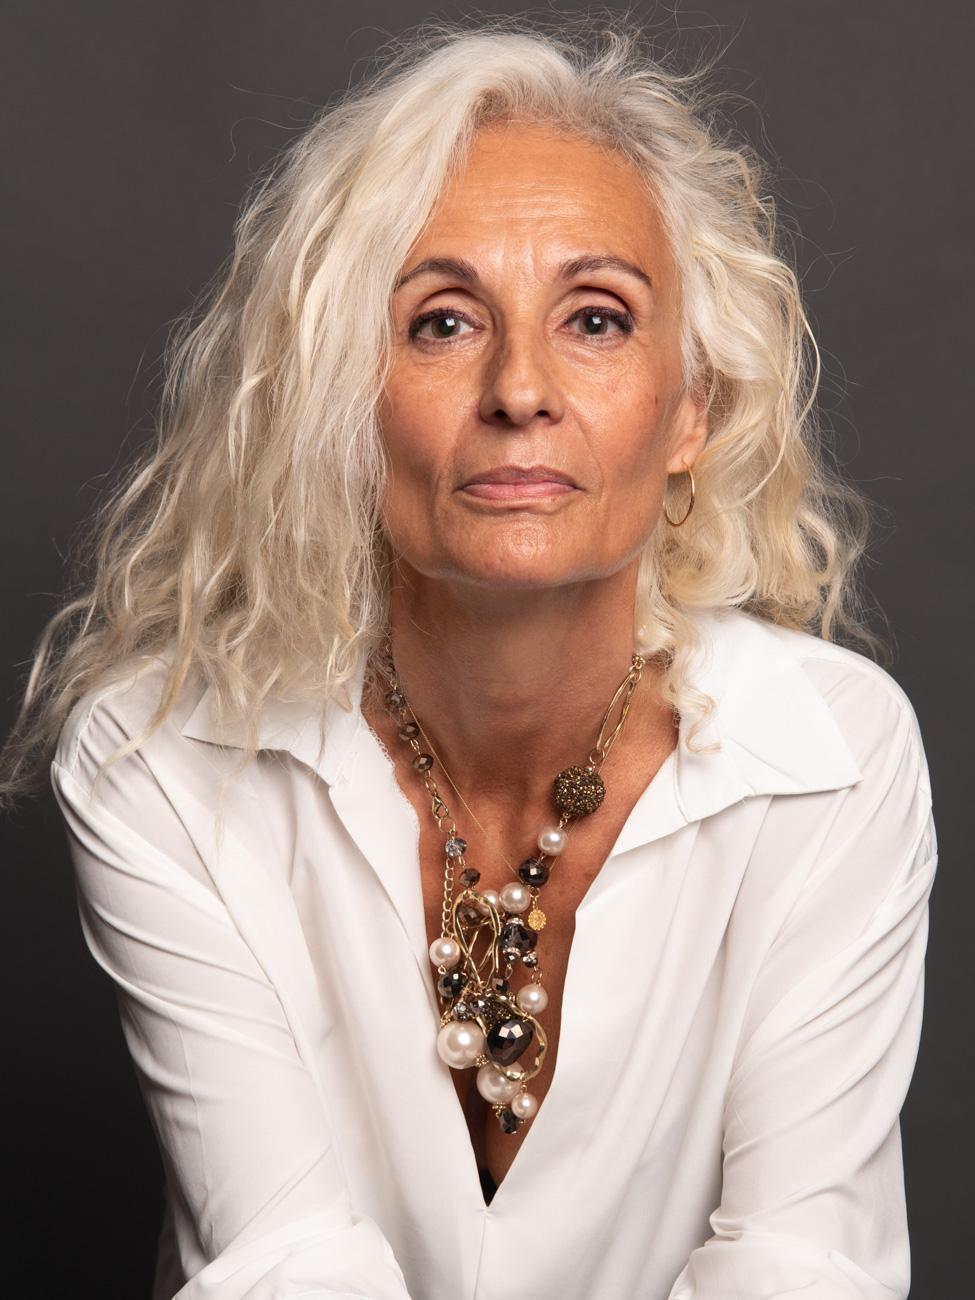 Portrait de femme avec du caractère en studio - Veronique Taupin Taupinprod Photographie.